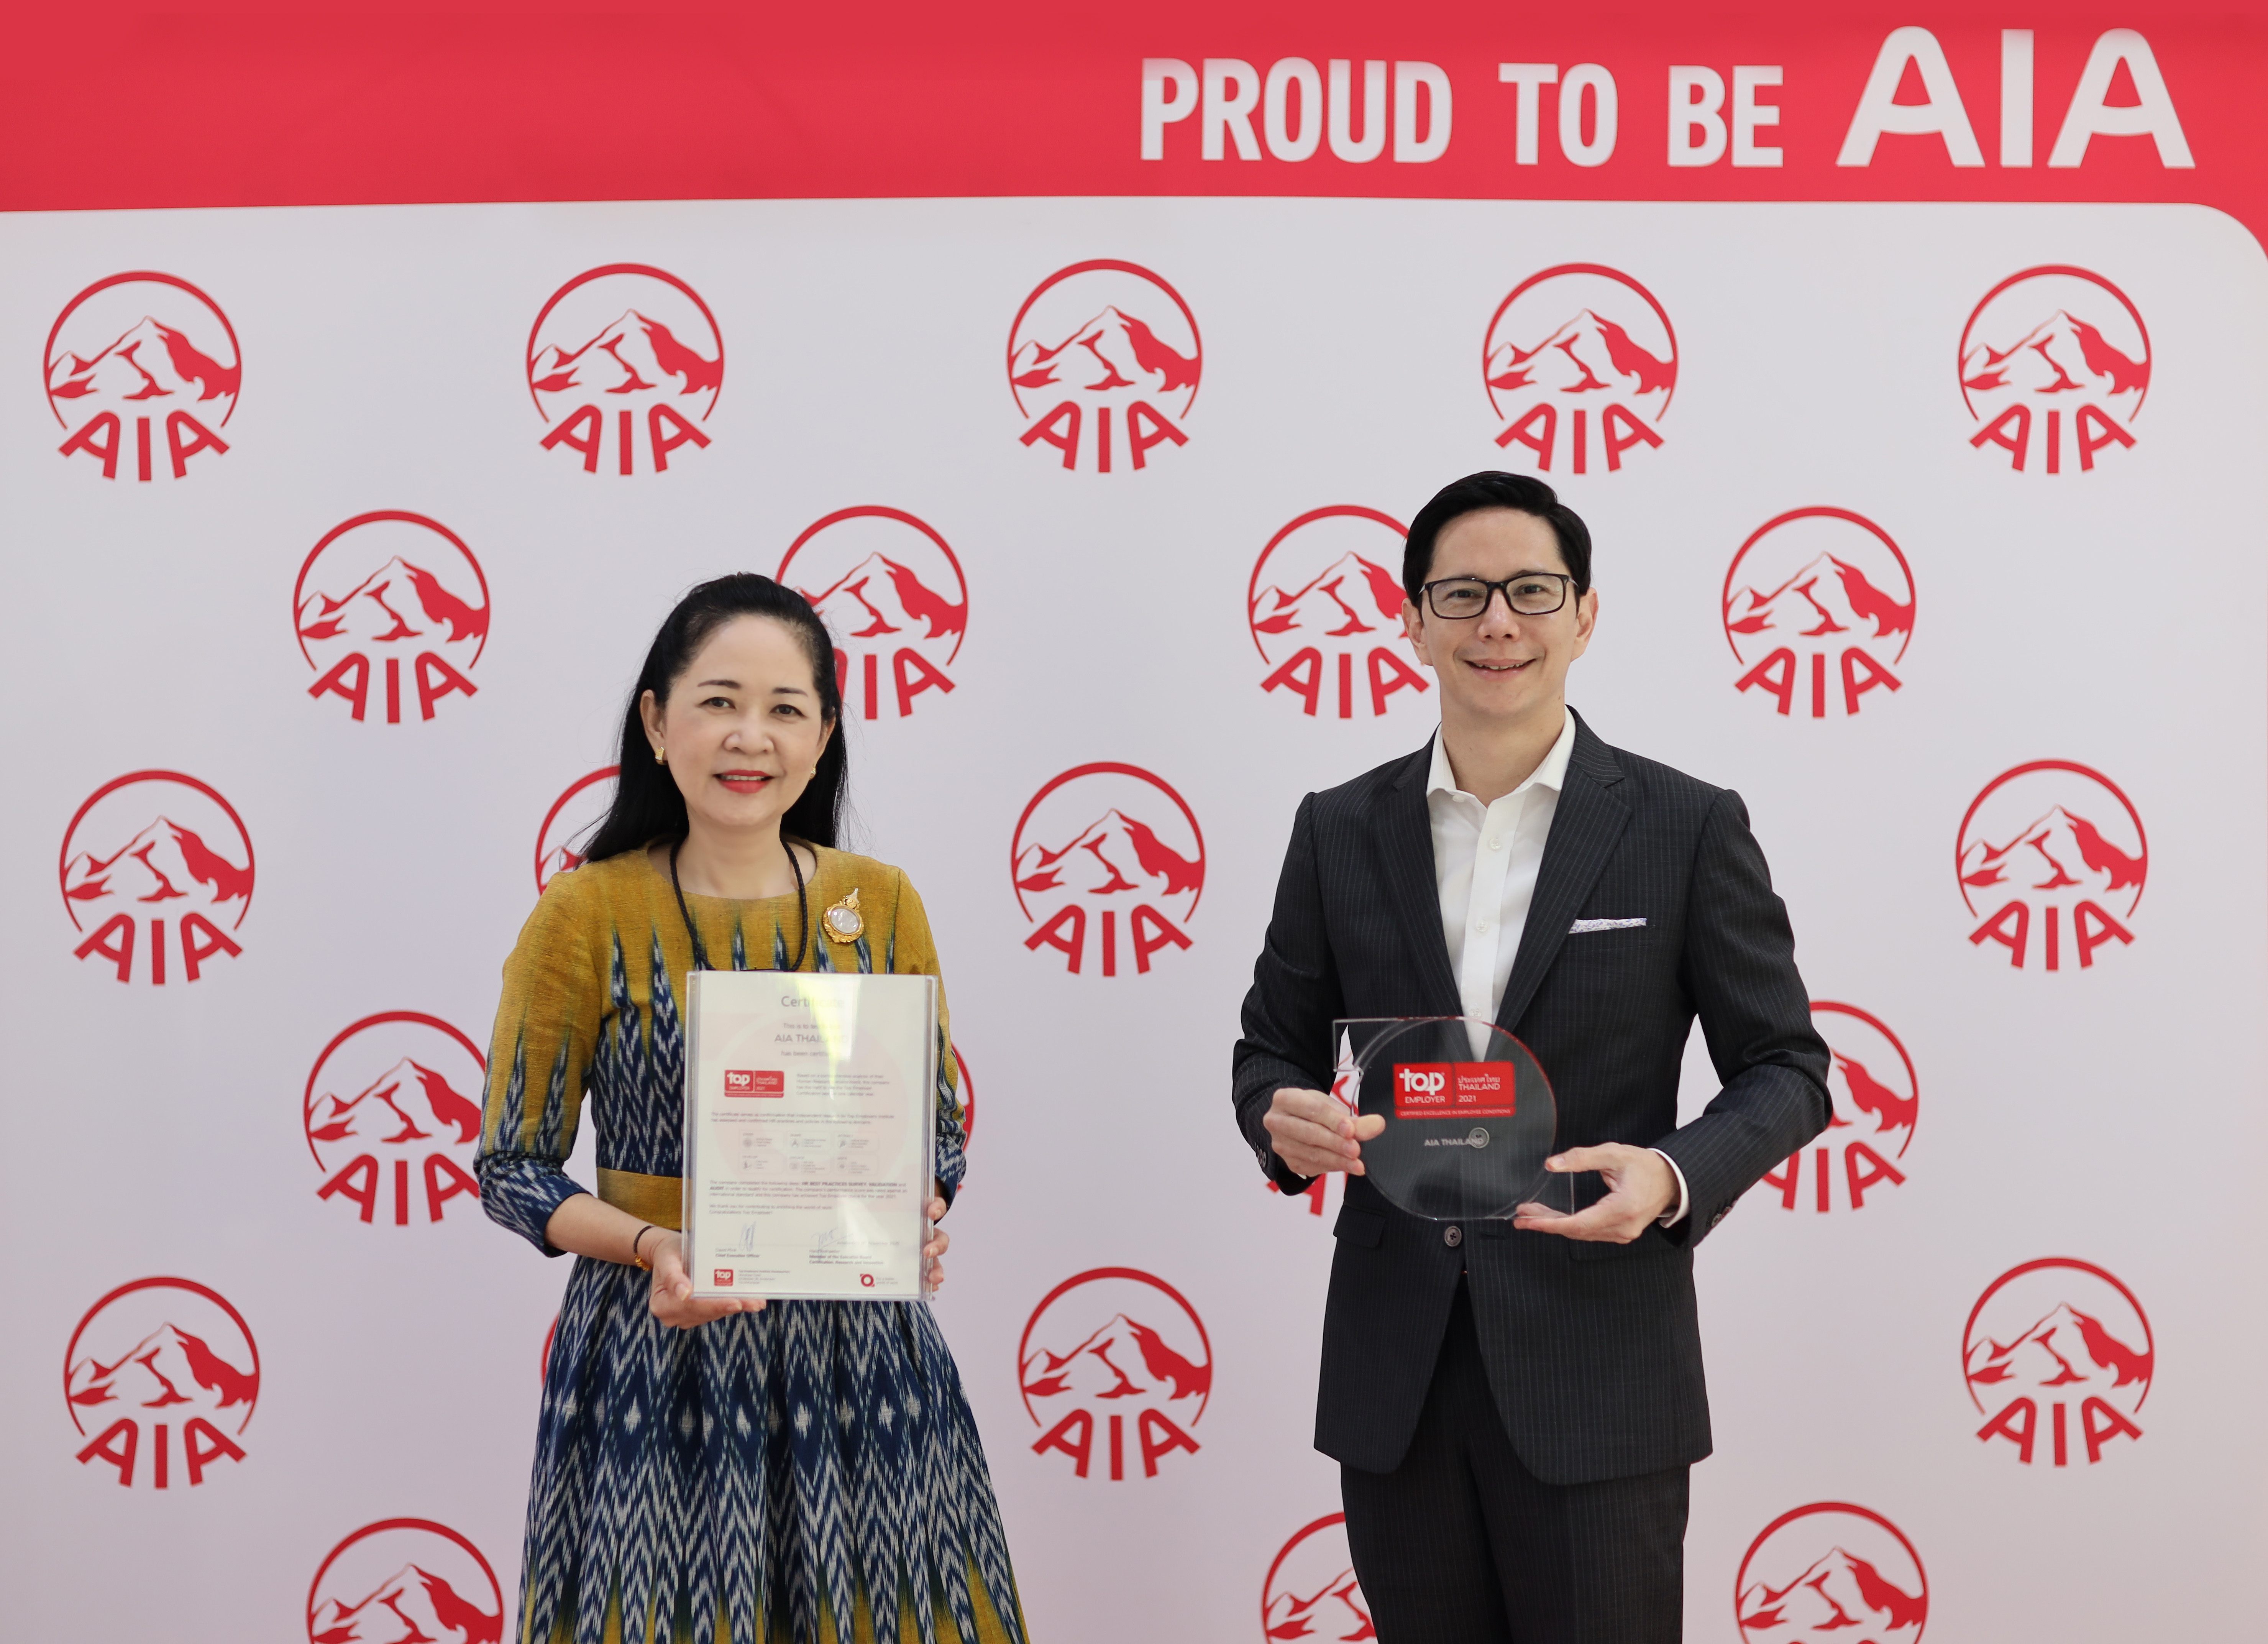 เอไอเอ ประเทศไทย รับรางวัล Top Employer Thailand 2021 จากสถาบันท็อป เอ็มพลอยเยอร์ส (Top Employers Institute)